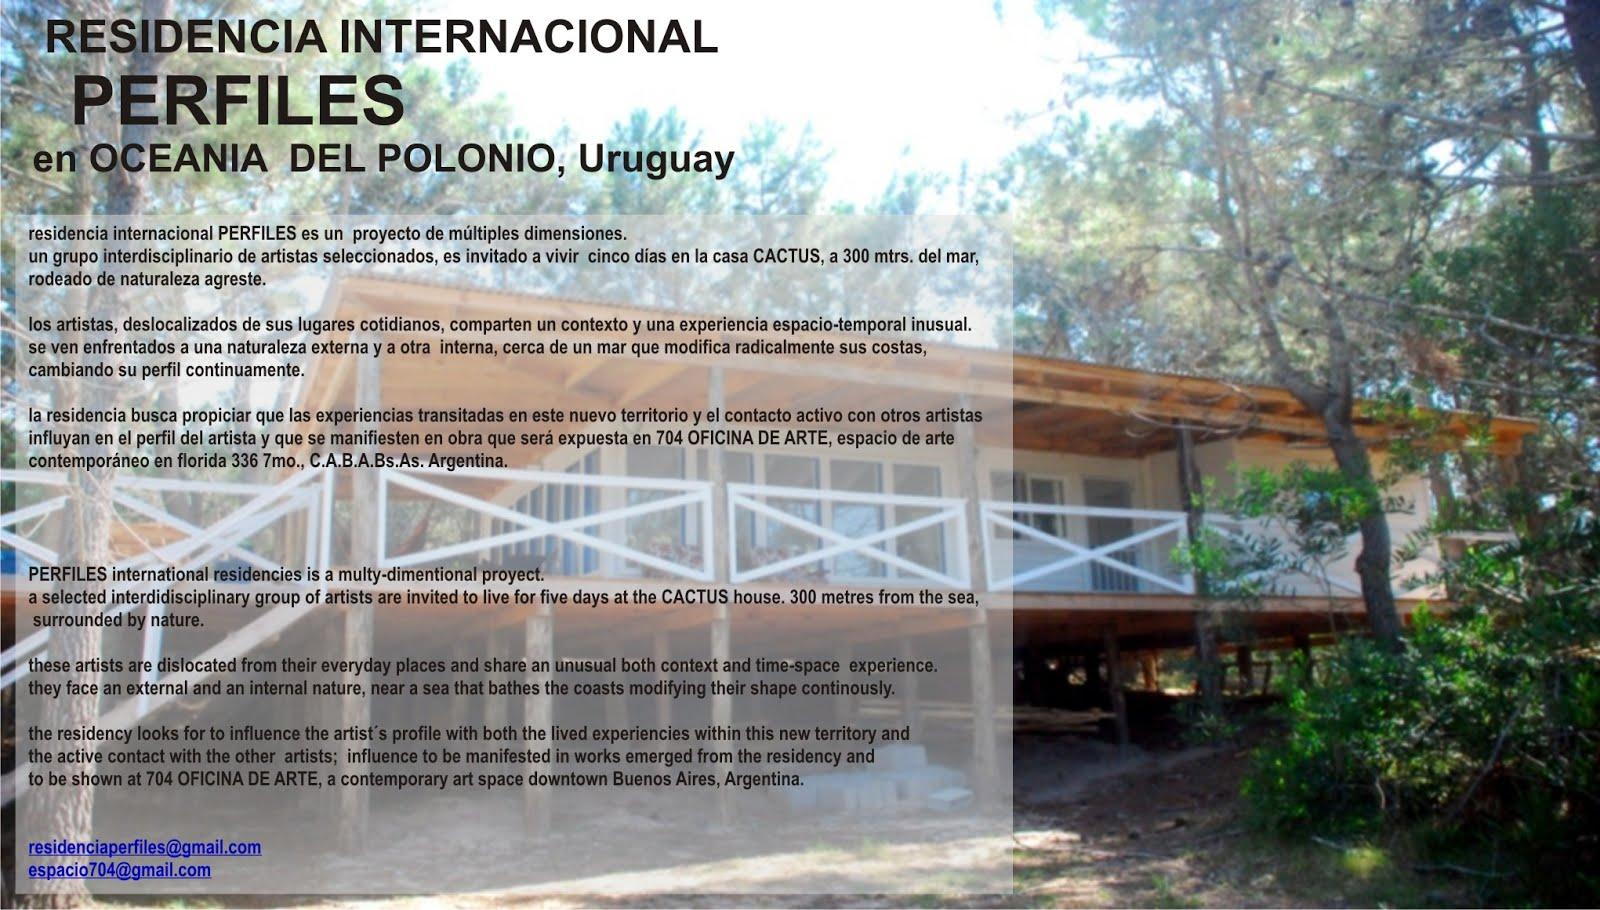 RESIDENCIA PERFILES en OCEANIA del POLONIO, Uruguay